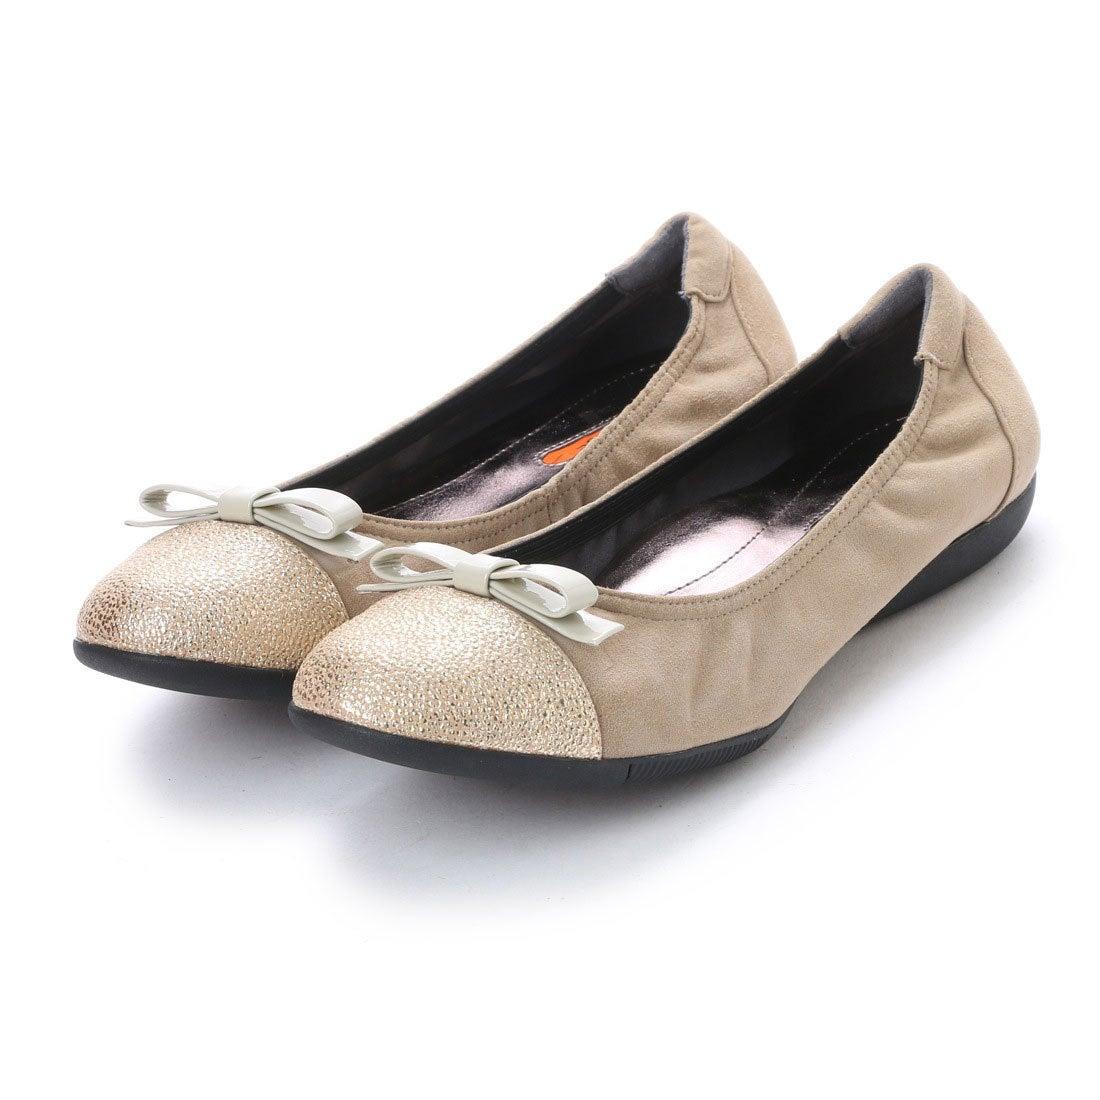 ロコンド 靴とファッションの通販サイトアルコジョイarcojoyウォーキング(ベージュ)